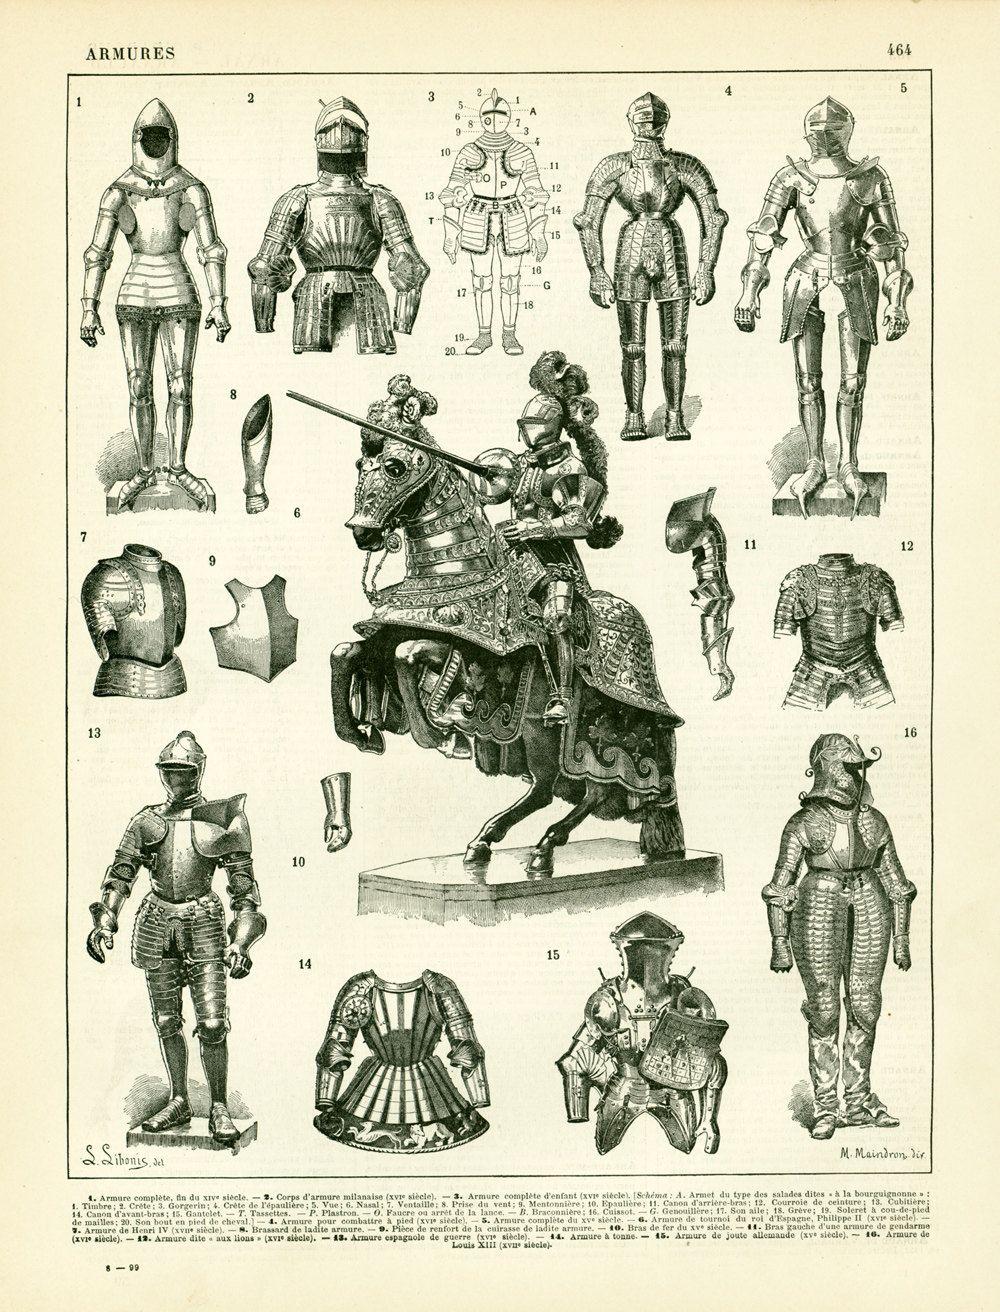 1933 Caballero Armadura Gran Formato Juguete De Torneos De Etsy Caballeros Medievales Armadura De Caballero Armadura De Caballo